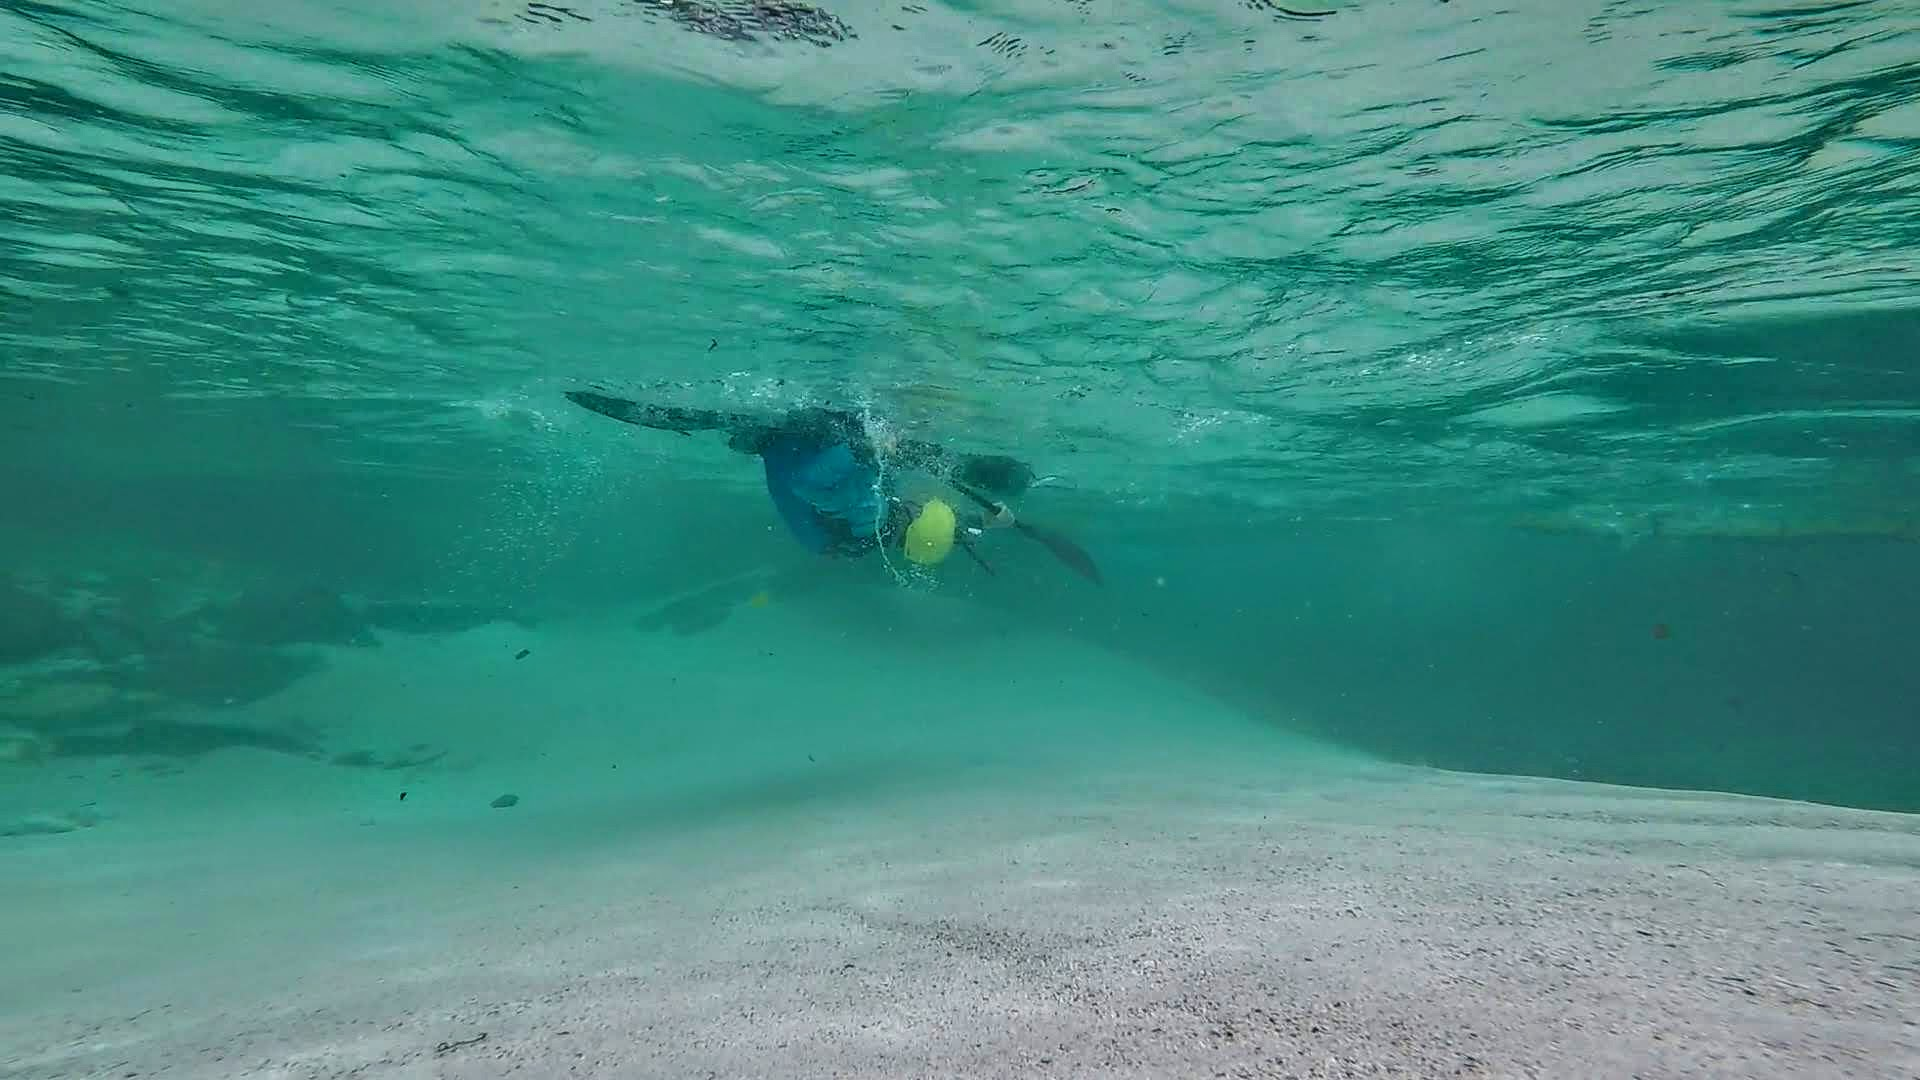 Underwater5.jpg